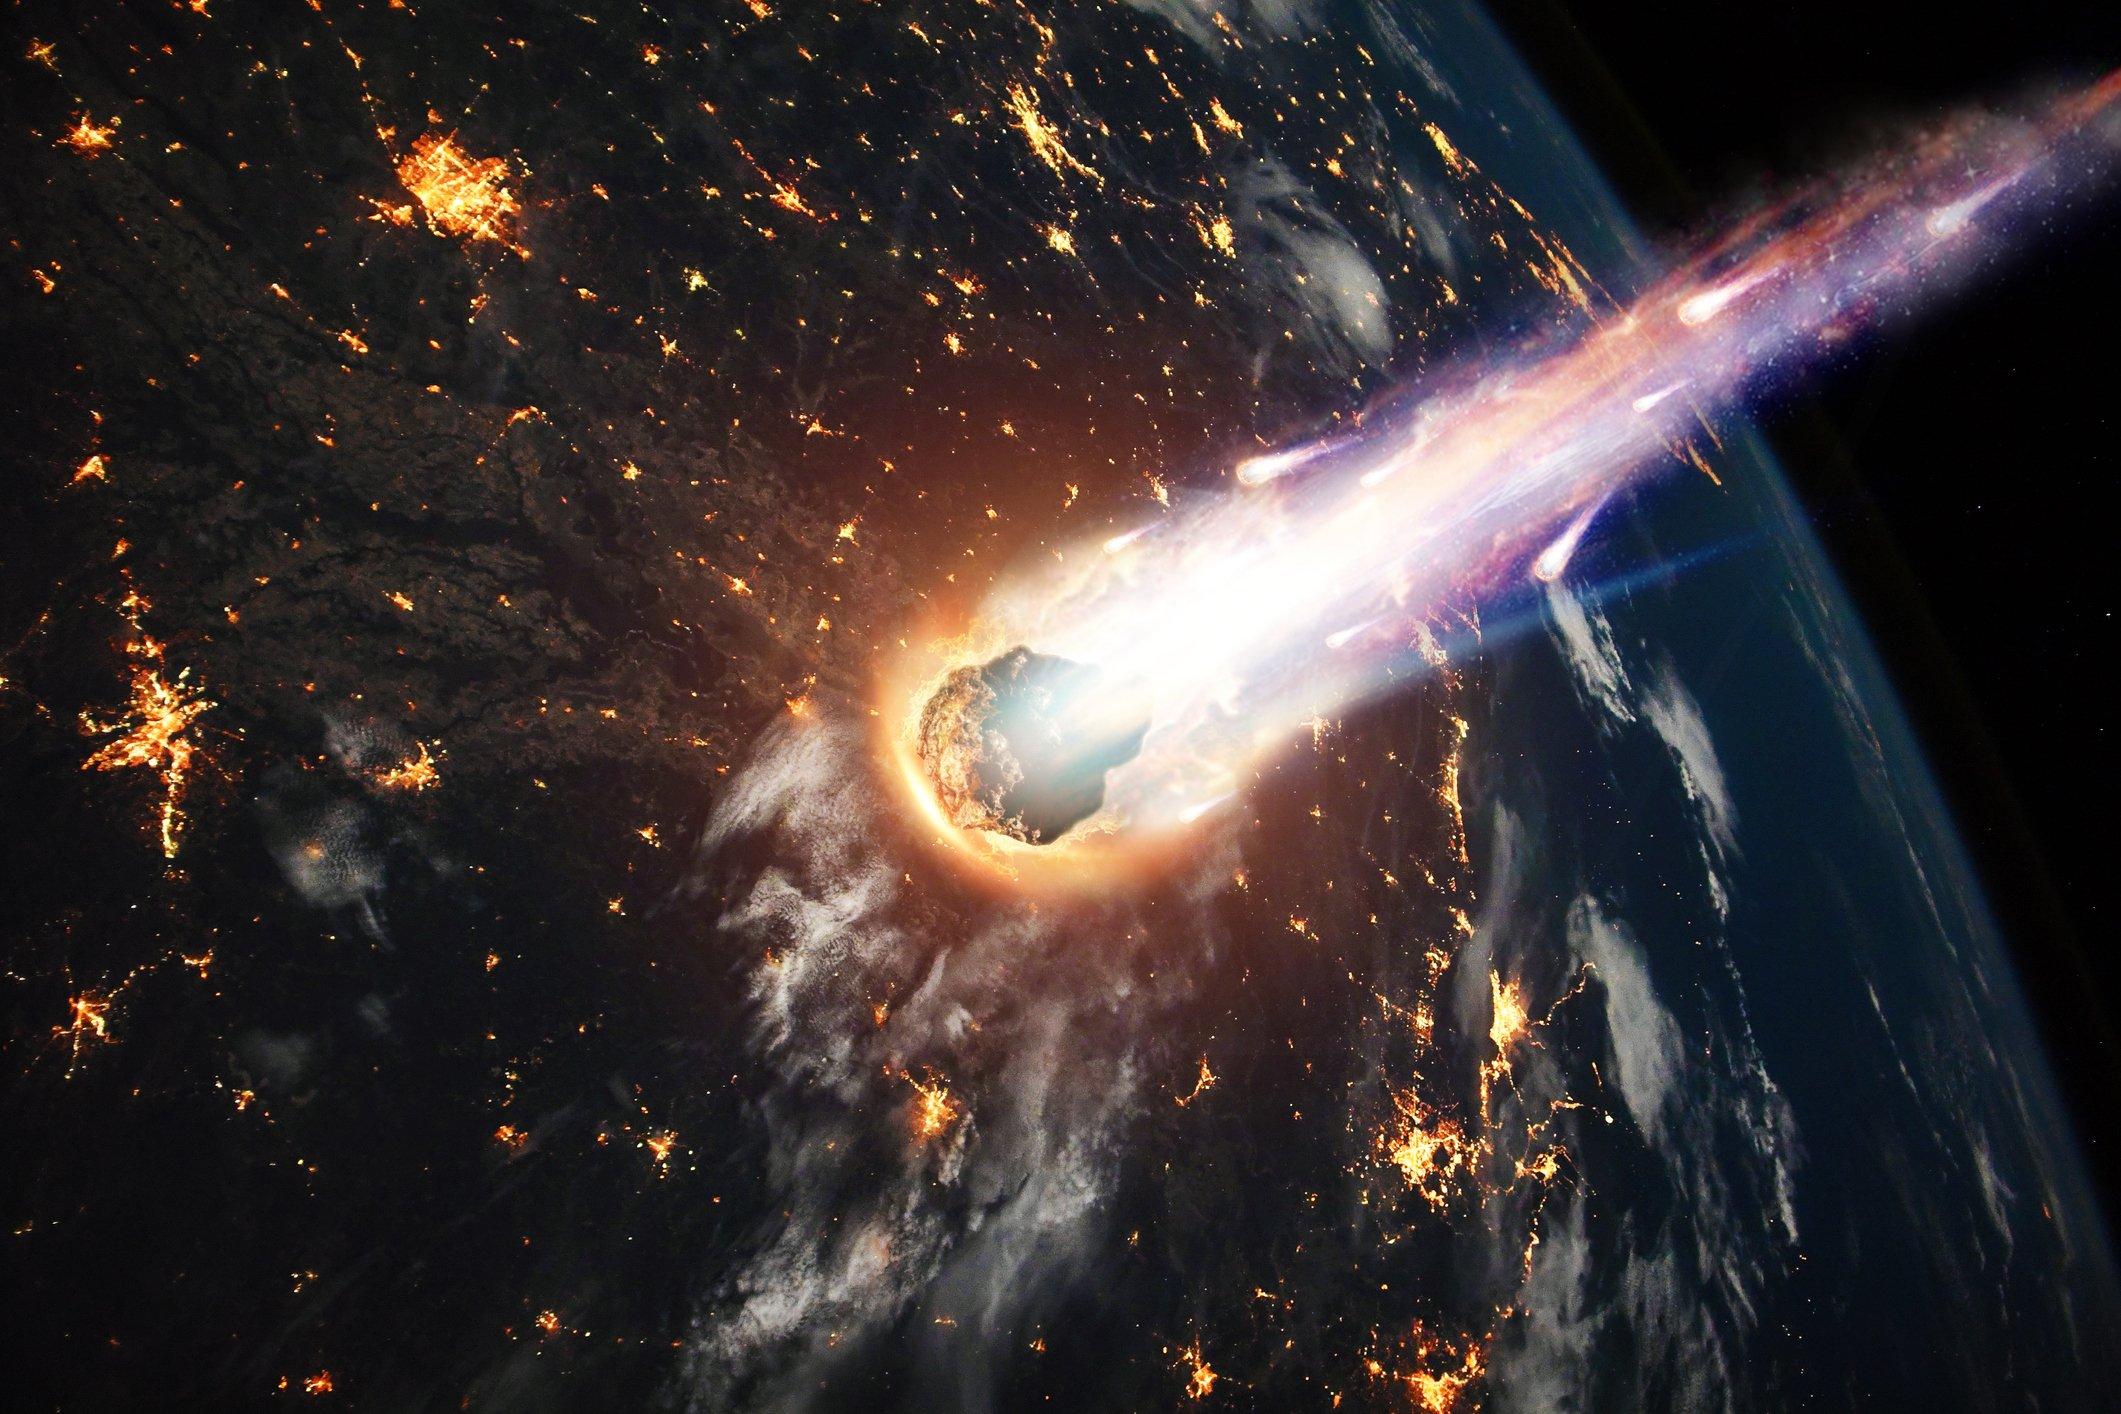 Ценой в 17 млрд долларов. К Земле несется астероид размером с небоскреб